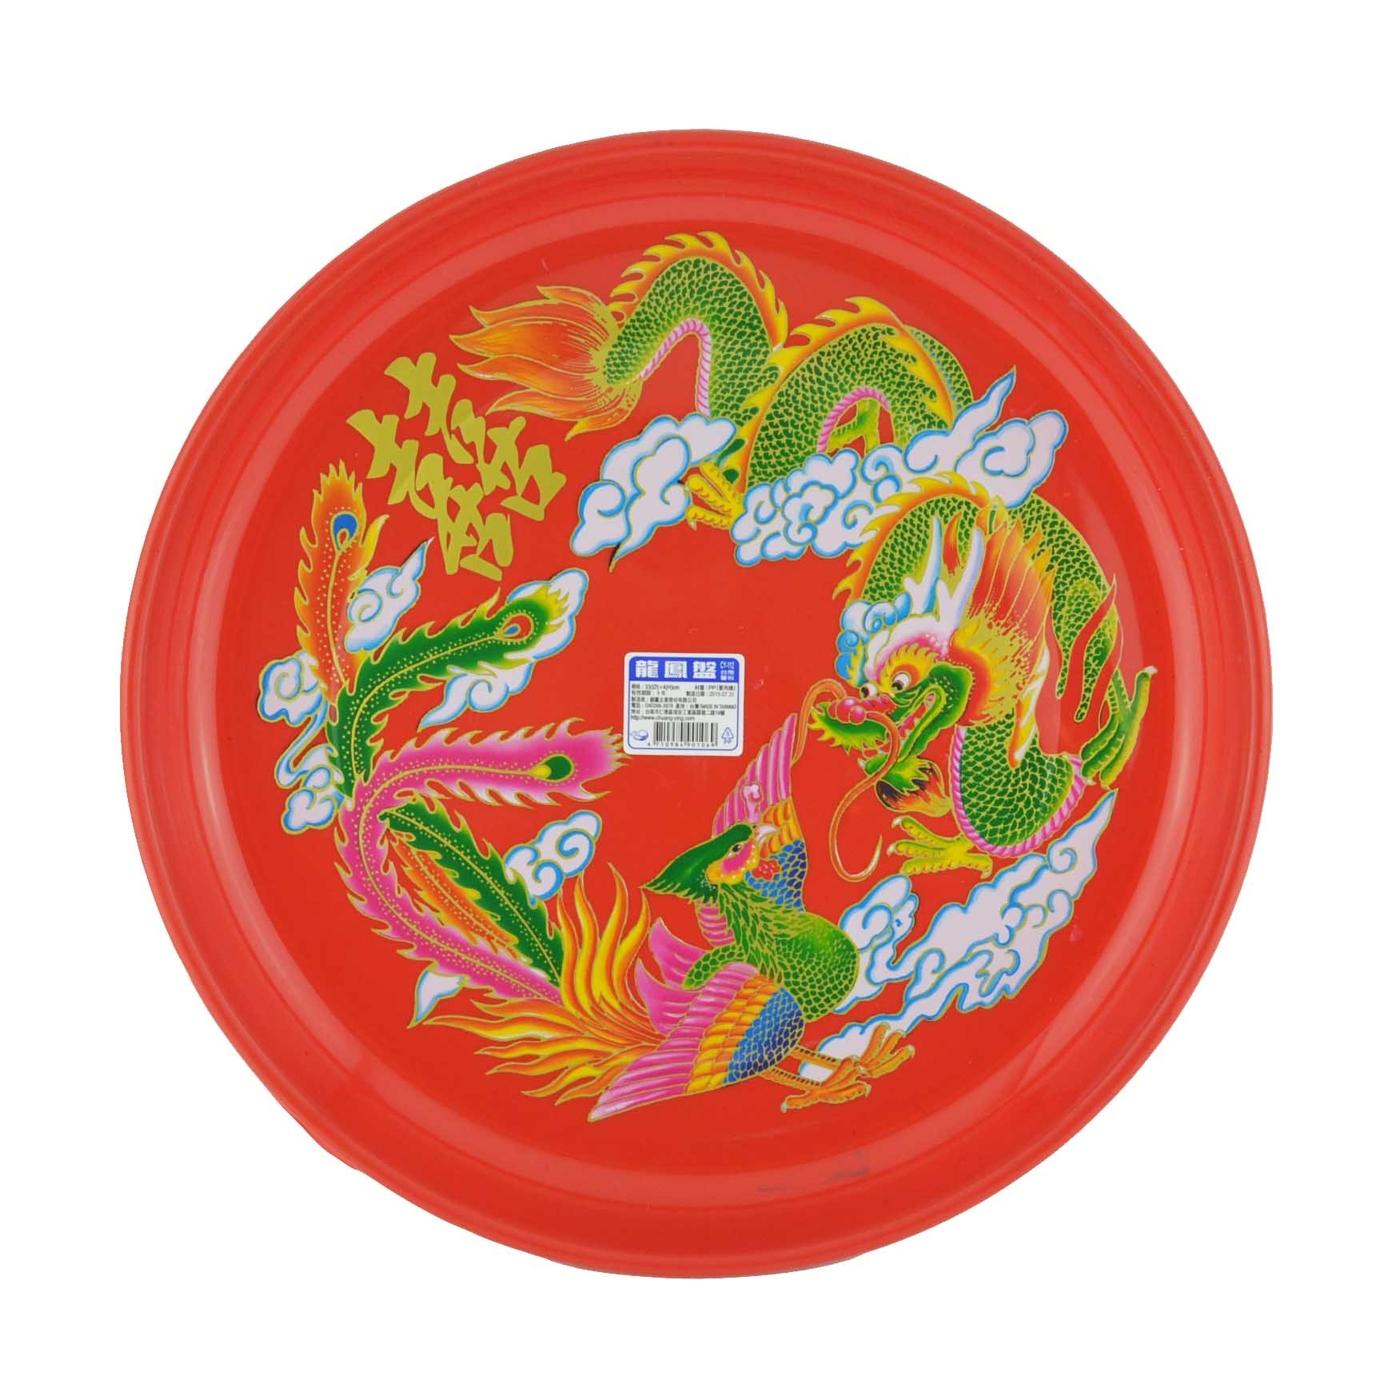 龍鳳盤CY-112_供品敬果盤/紅盤